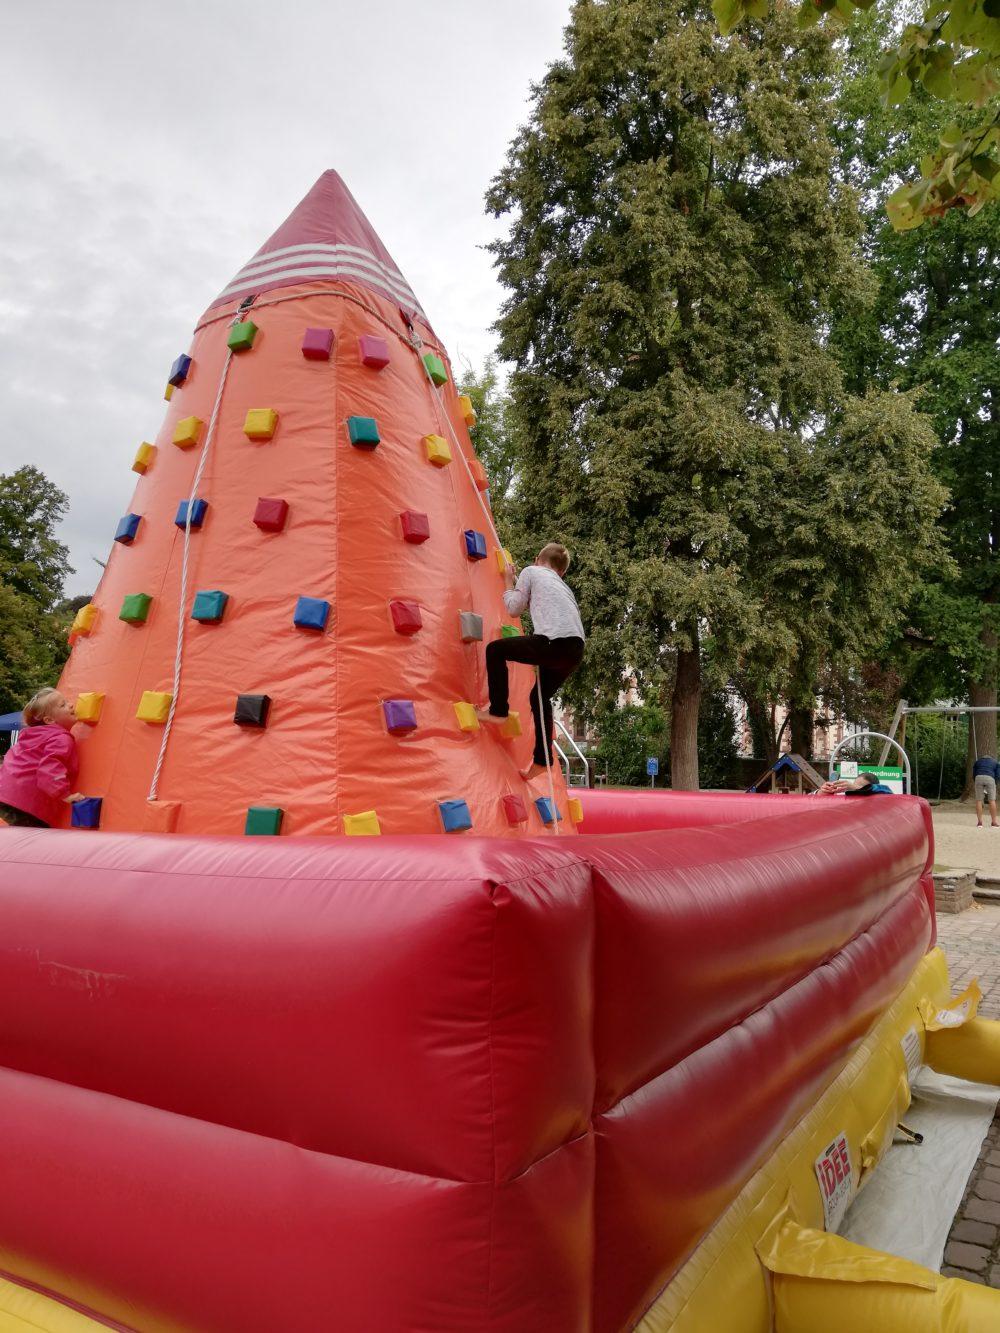 Kinderferienprogramm auf dem Schlossplatz am 07.09.2019